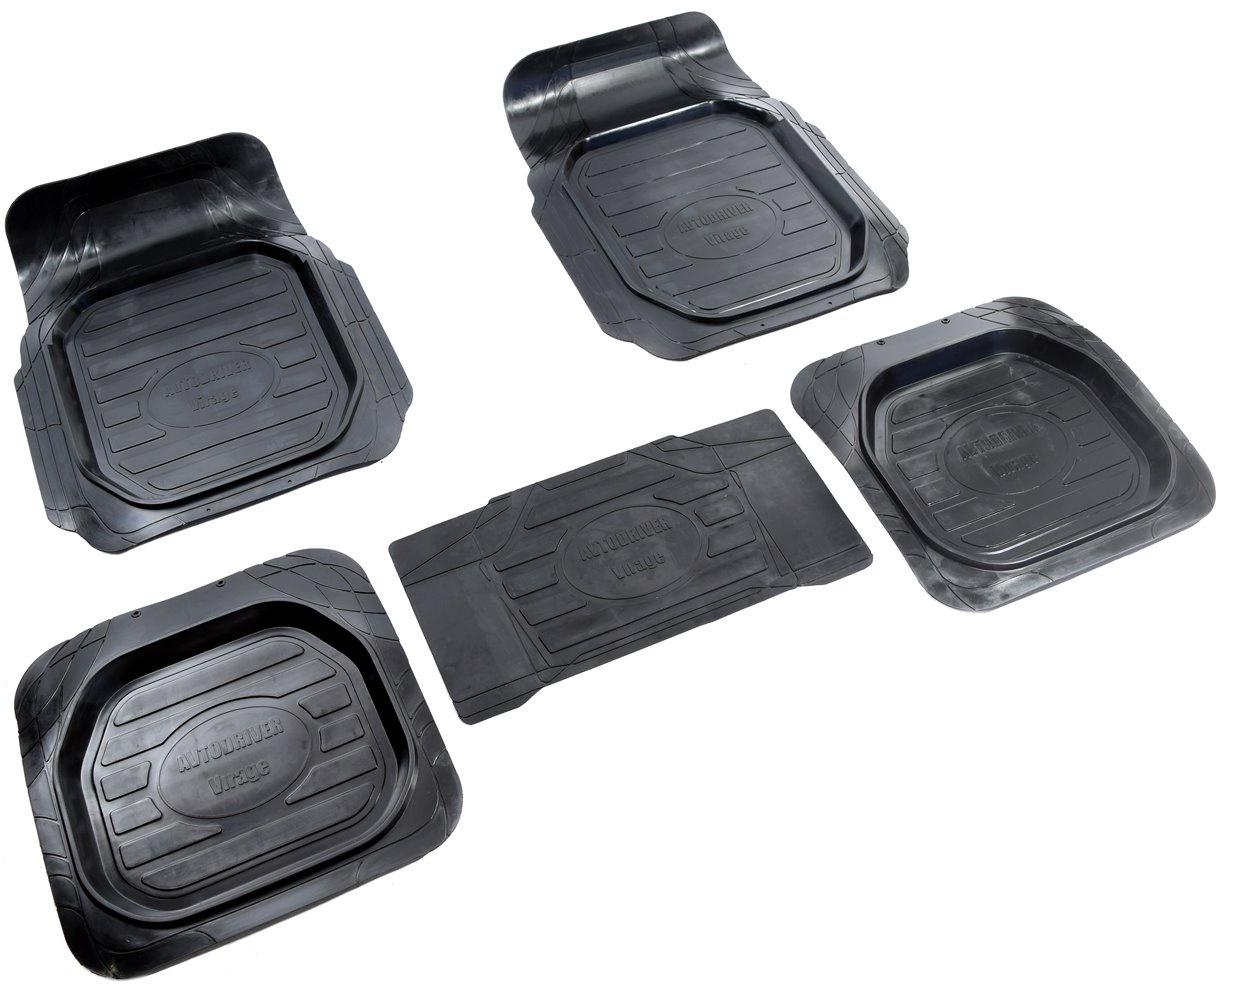 Коврики в салон автомобиля Avtodriver Вираж, универсальные, 4 шт, с отдельной перемычкой, ADRU004, резиновые, с бортиком, черный для автомобиля резинотканевые коврики